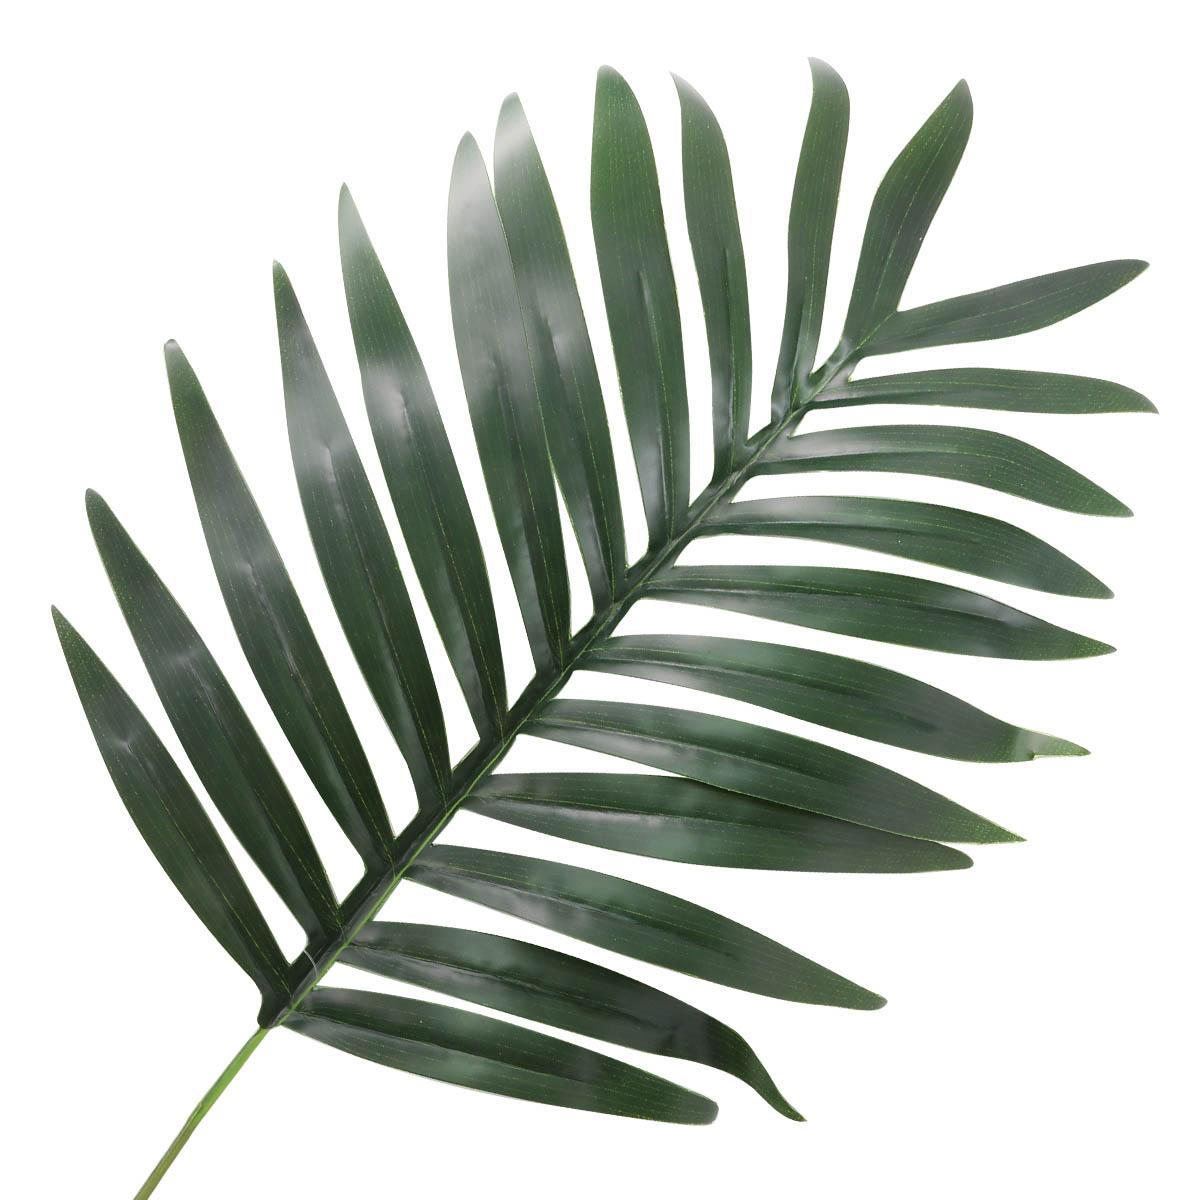 HY125-48004 Цветок искусственный 'Лист пальмы' 58*28см